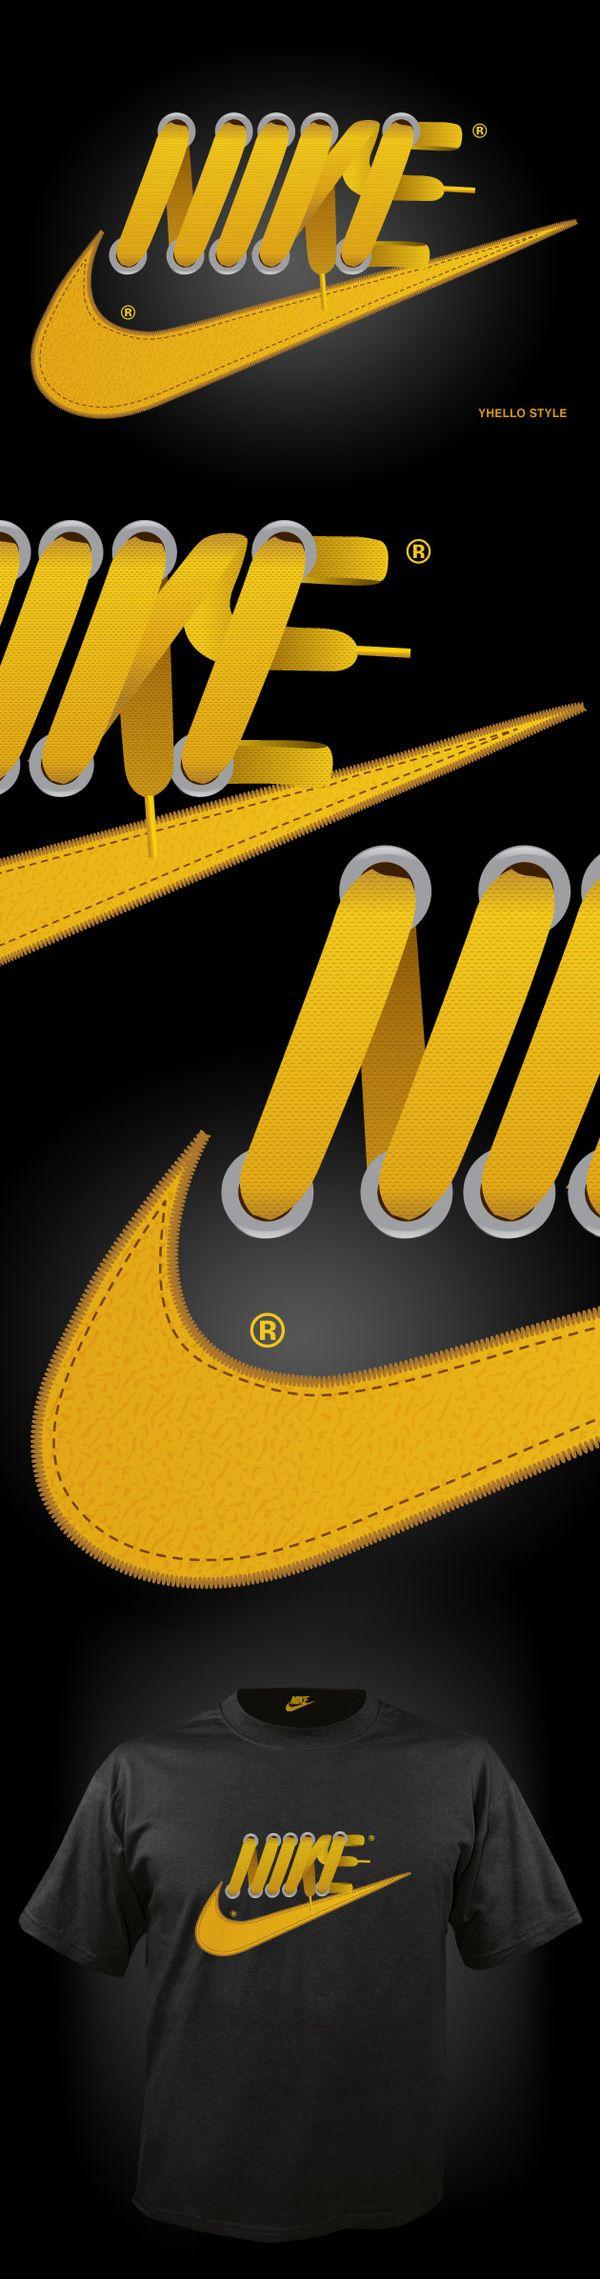 Nike by Hugo Silva